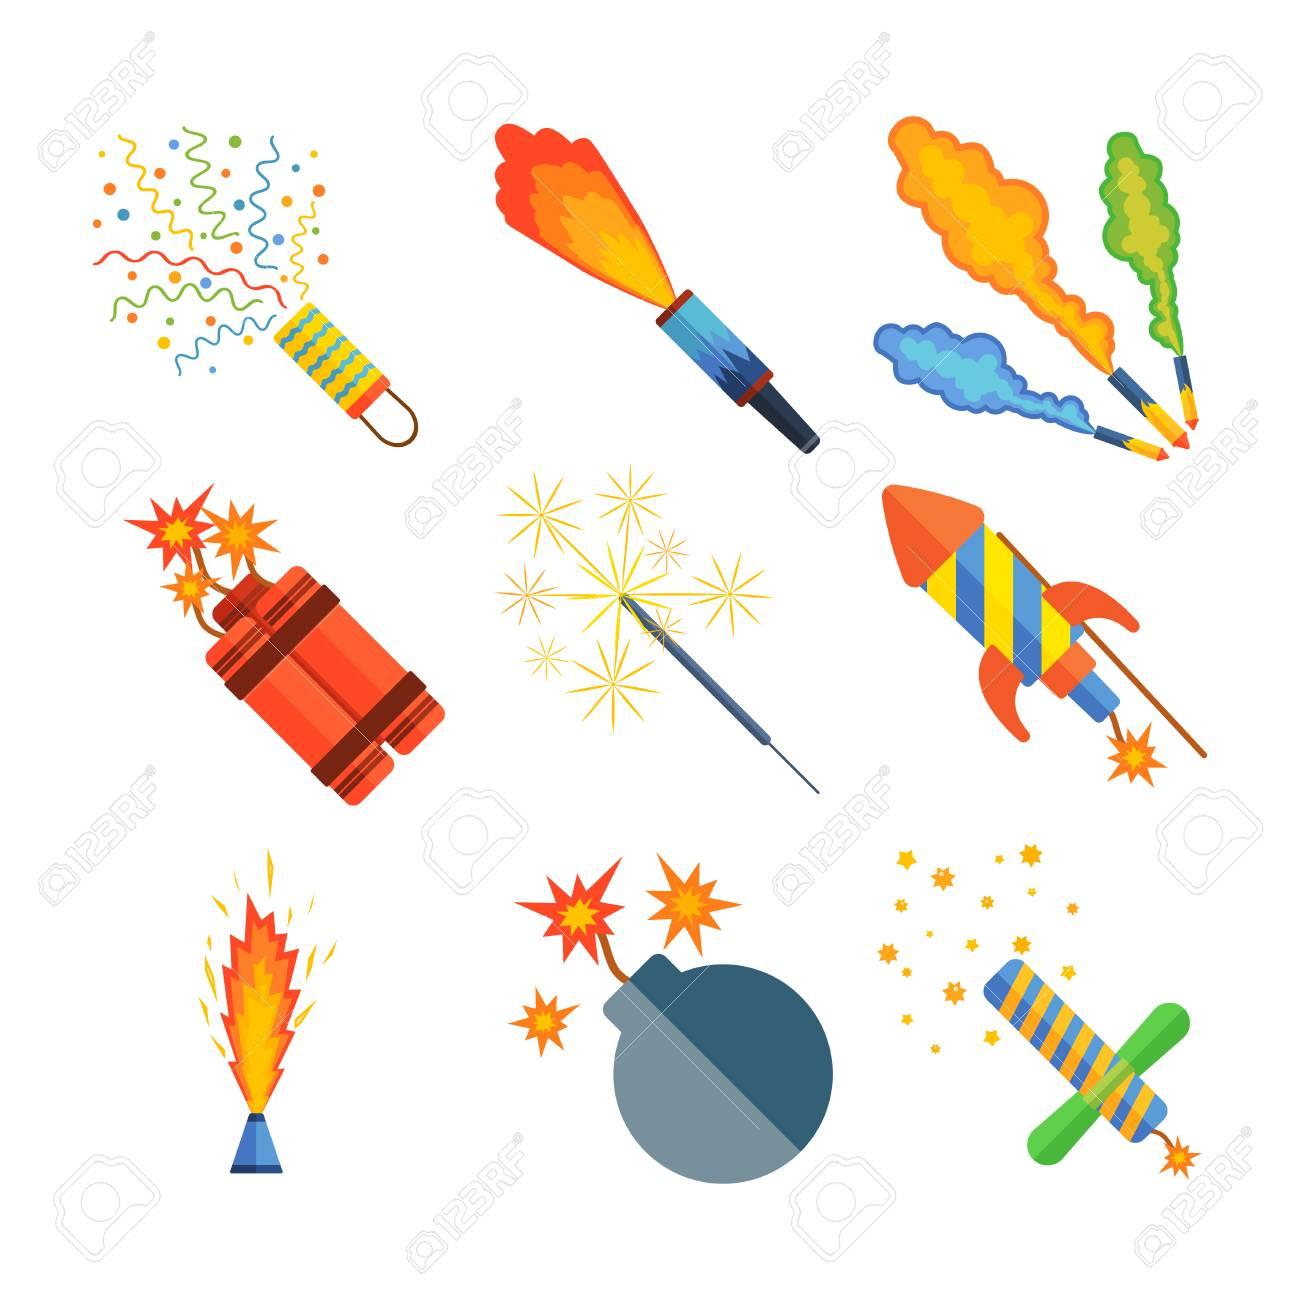 Cohetes Pirotecnicos Vector Ilustracion De Fuegos Artificiales